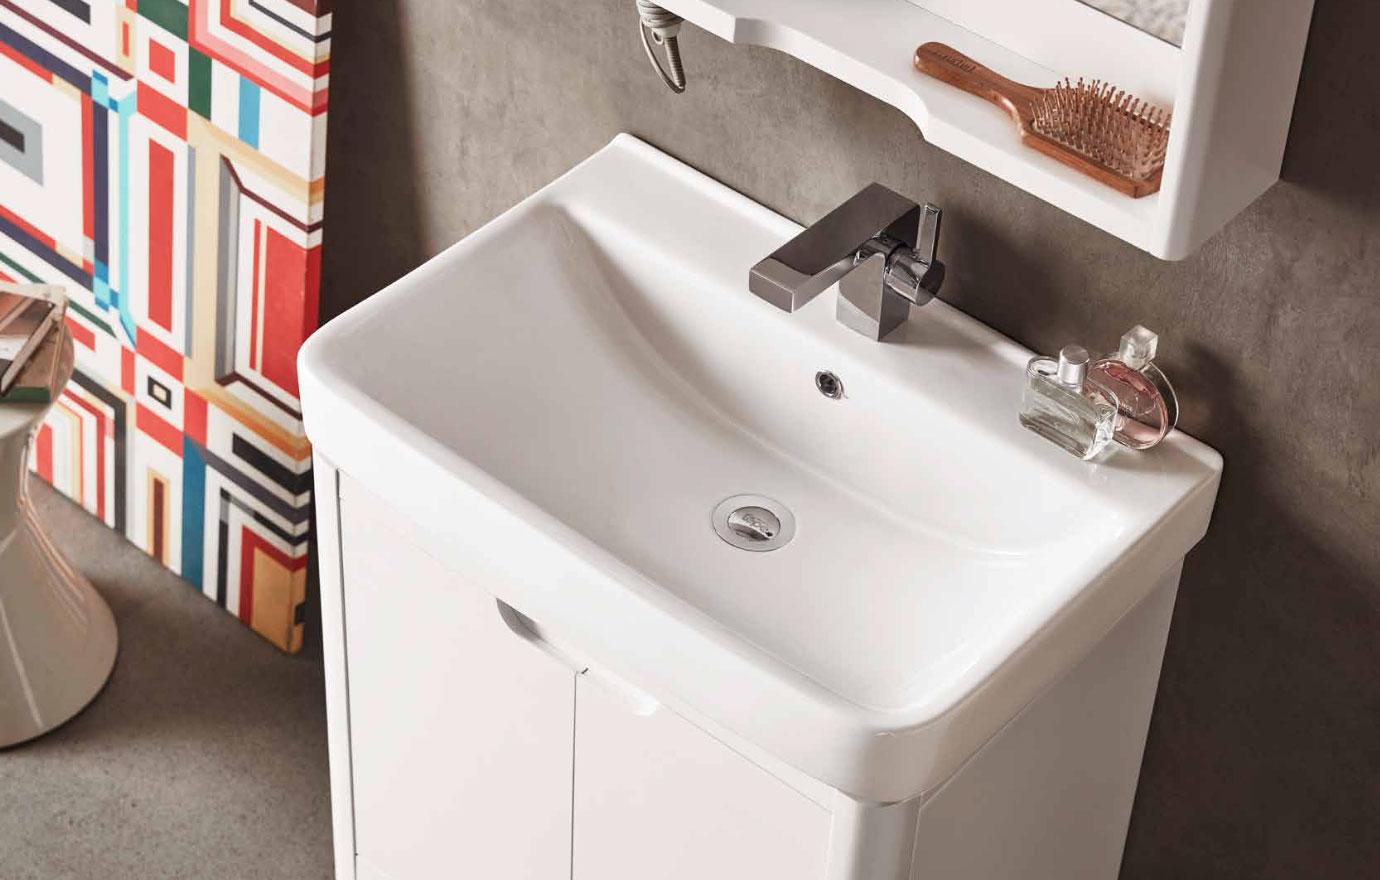 水鹿卫浴-洗面-浴室柜-水鹿精选浴室柜PY1907-1(不含龙头和下水,备注好交期)